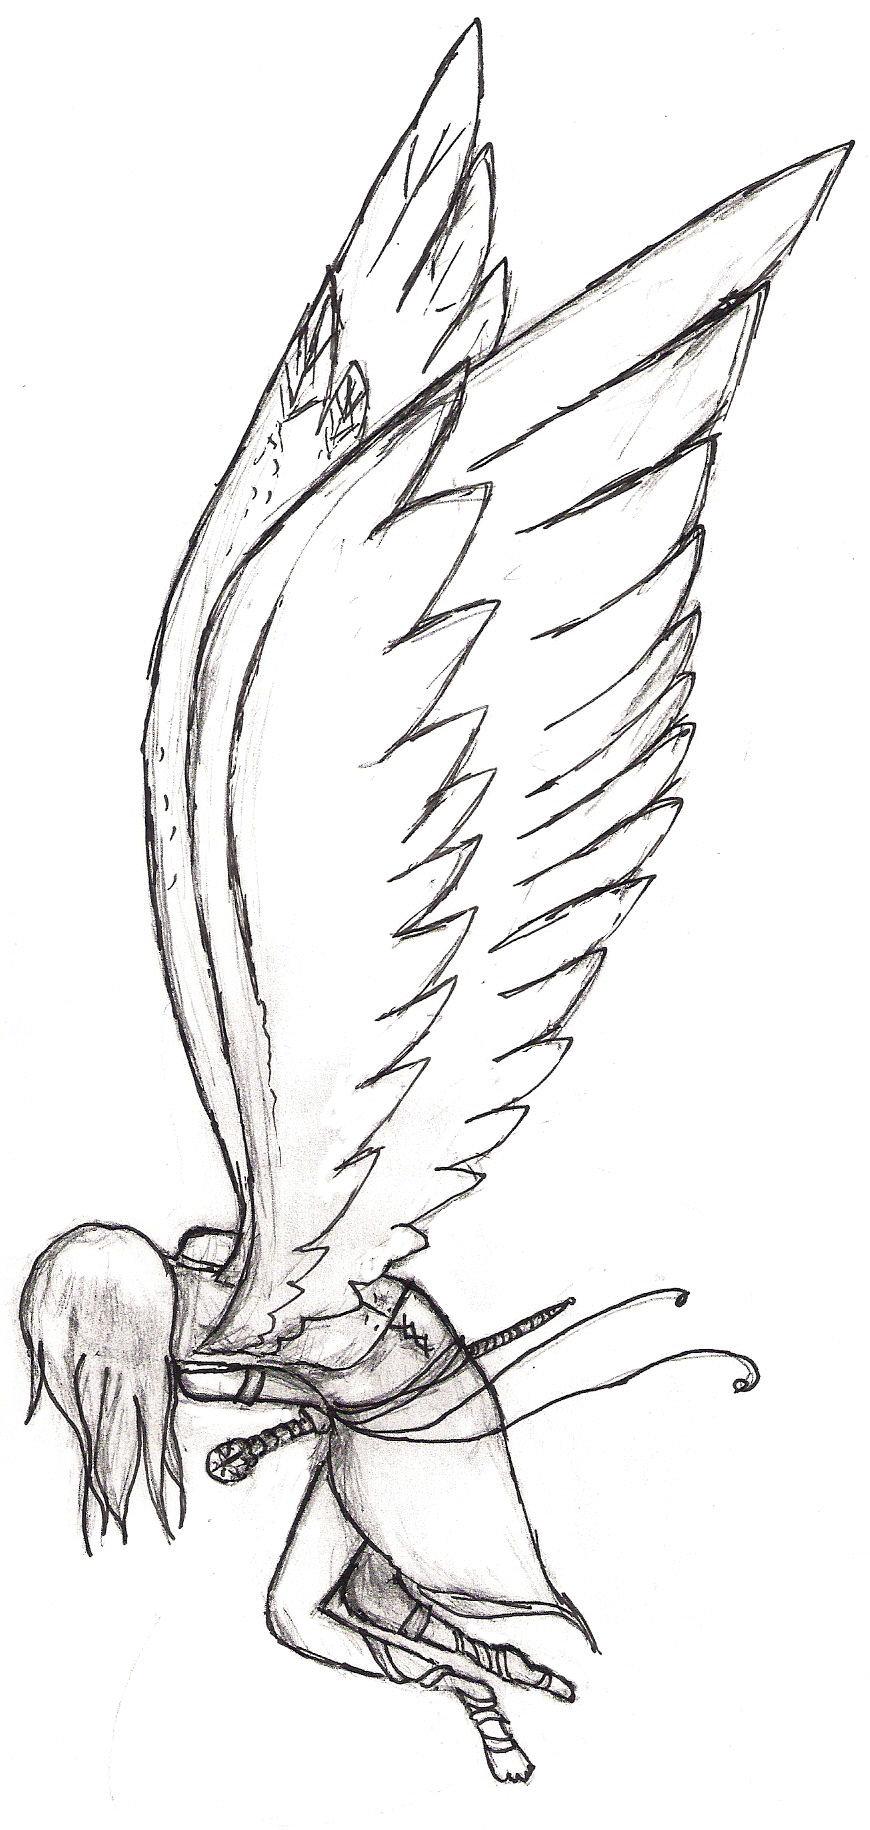 870x1830 Falling Angel In Pen By Haleygottardo